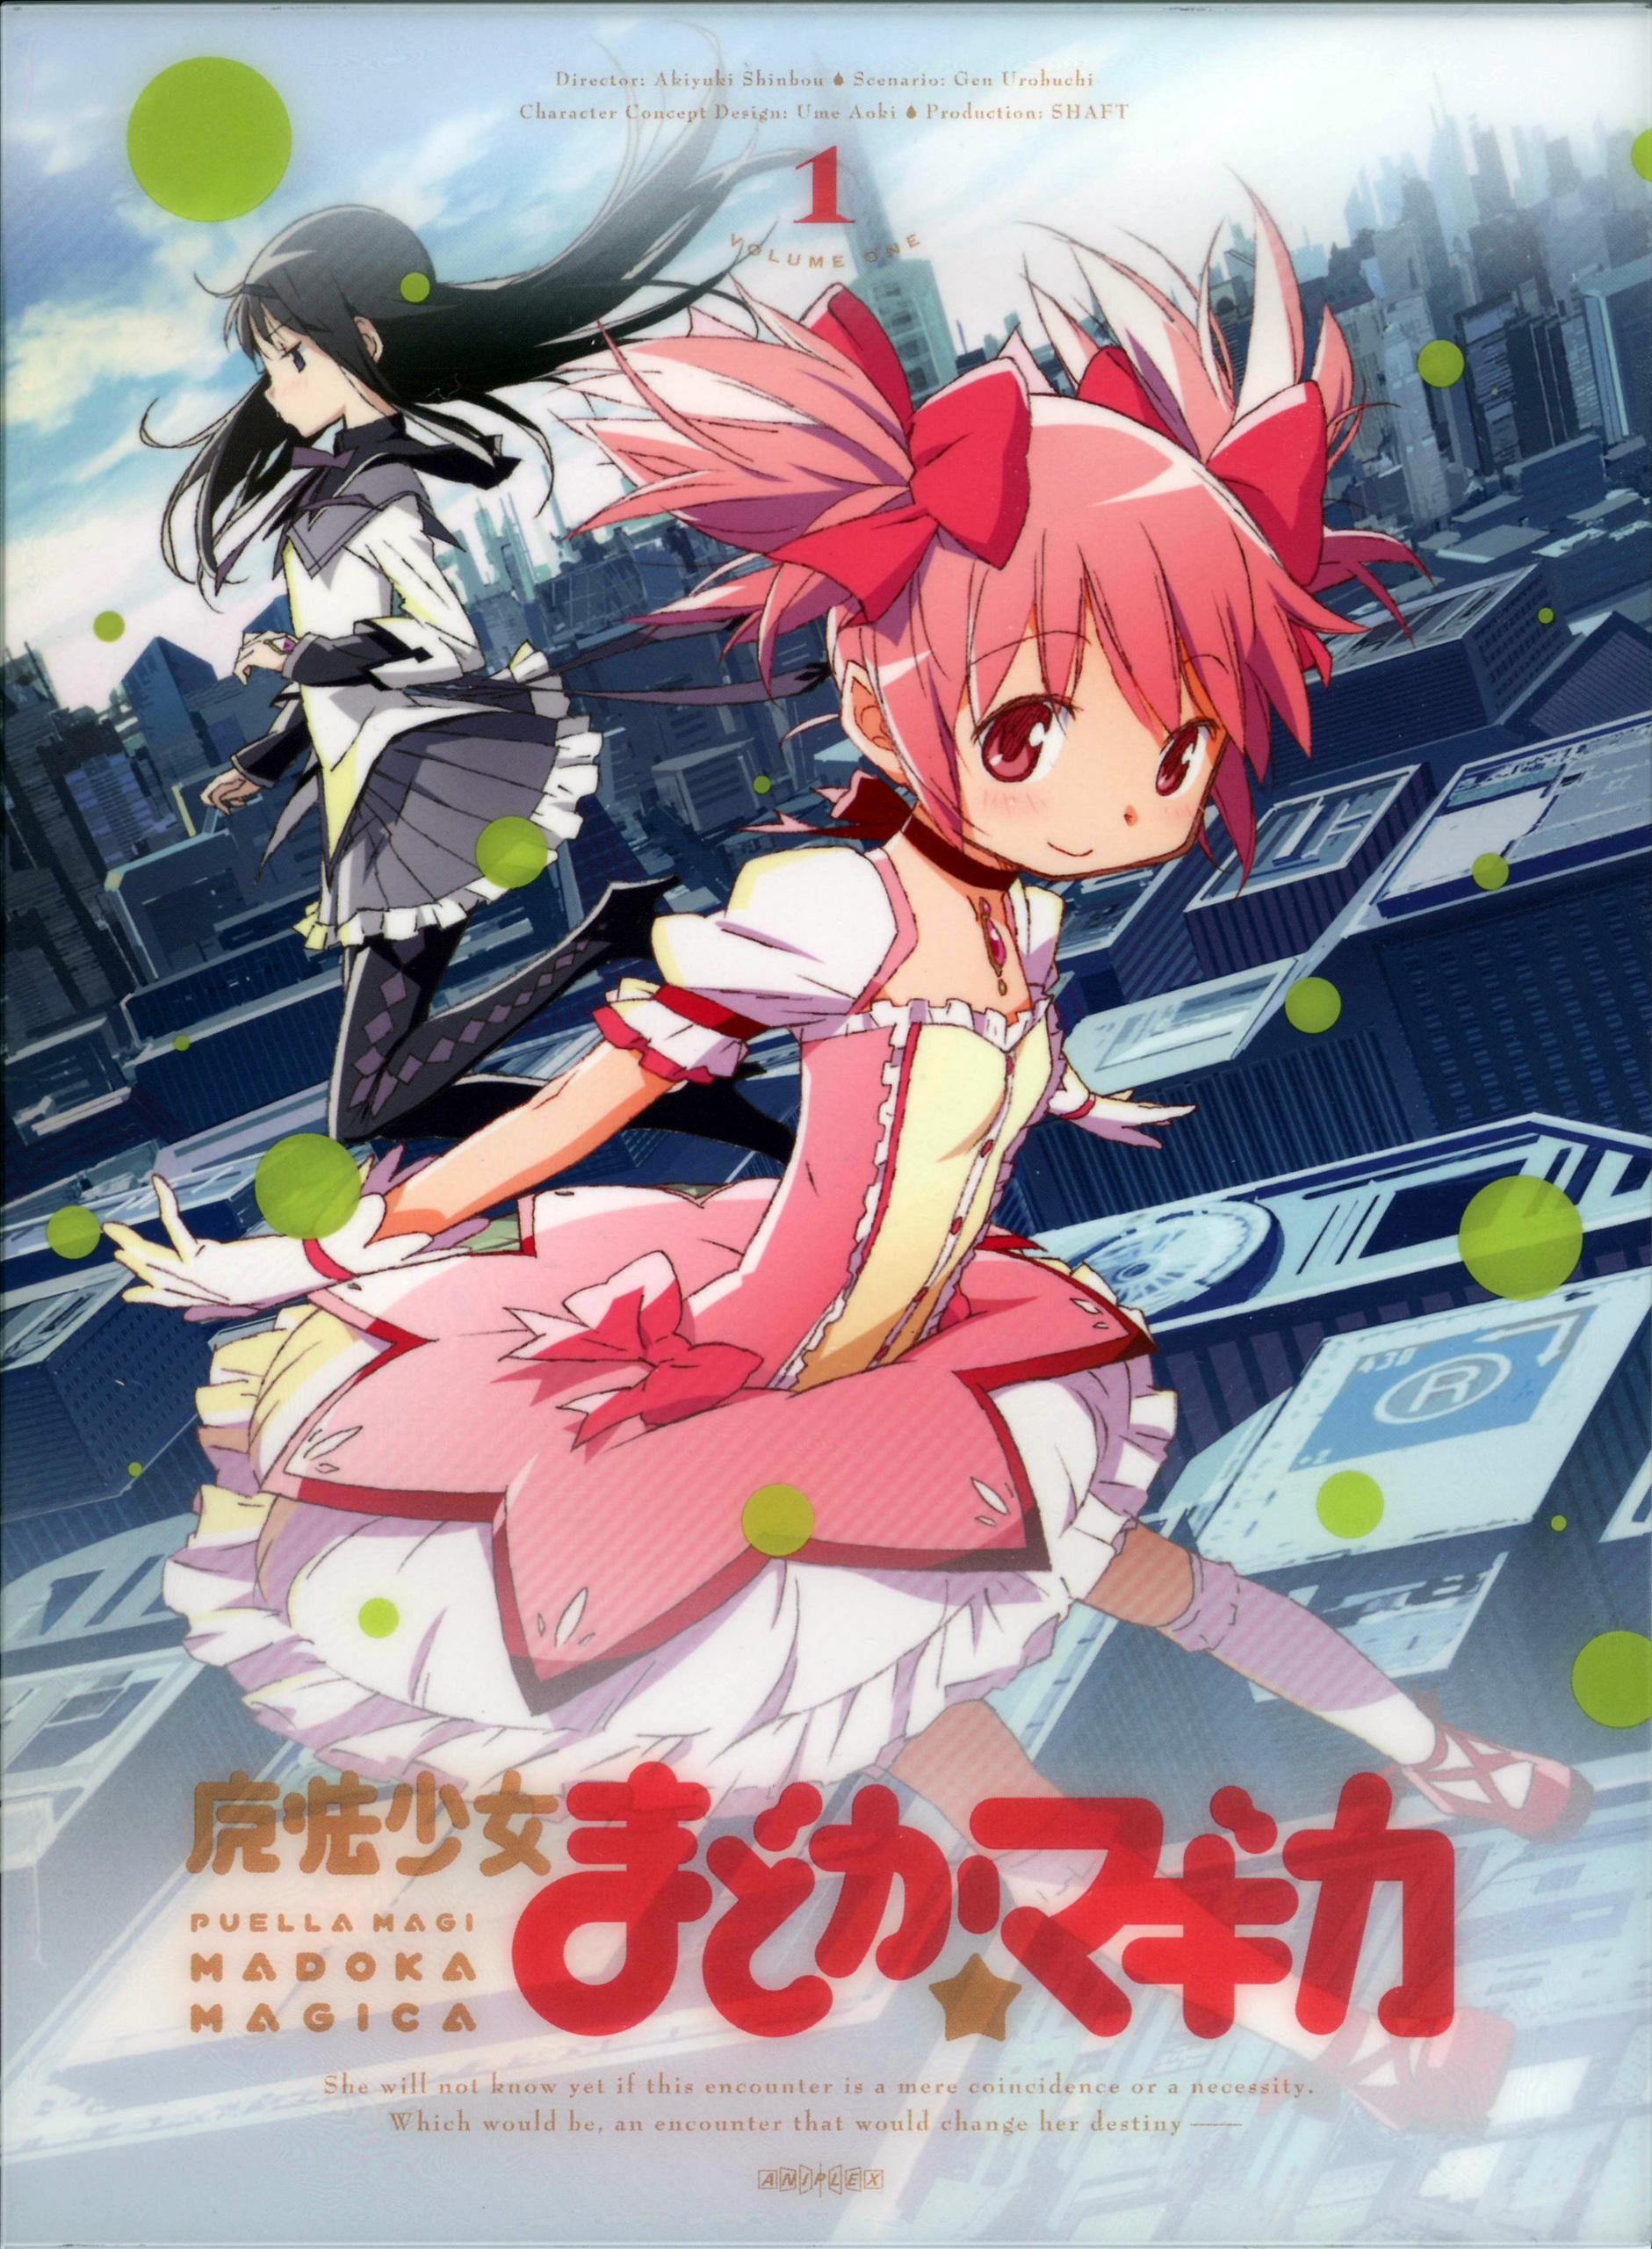 Mahou-Shoujo-Madoka-Magica-Special-CD-1-Memories-of-You-mahou-shoujo-madoka-magica-21606556-1881-2560